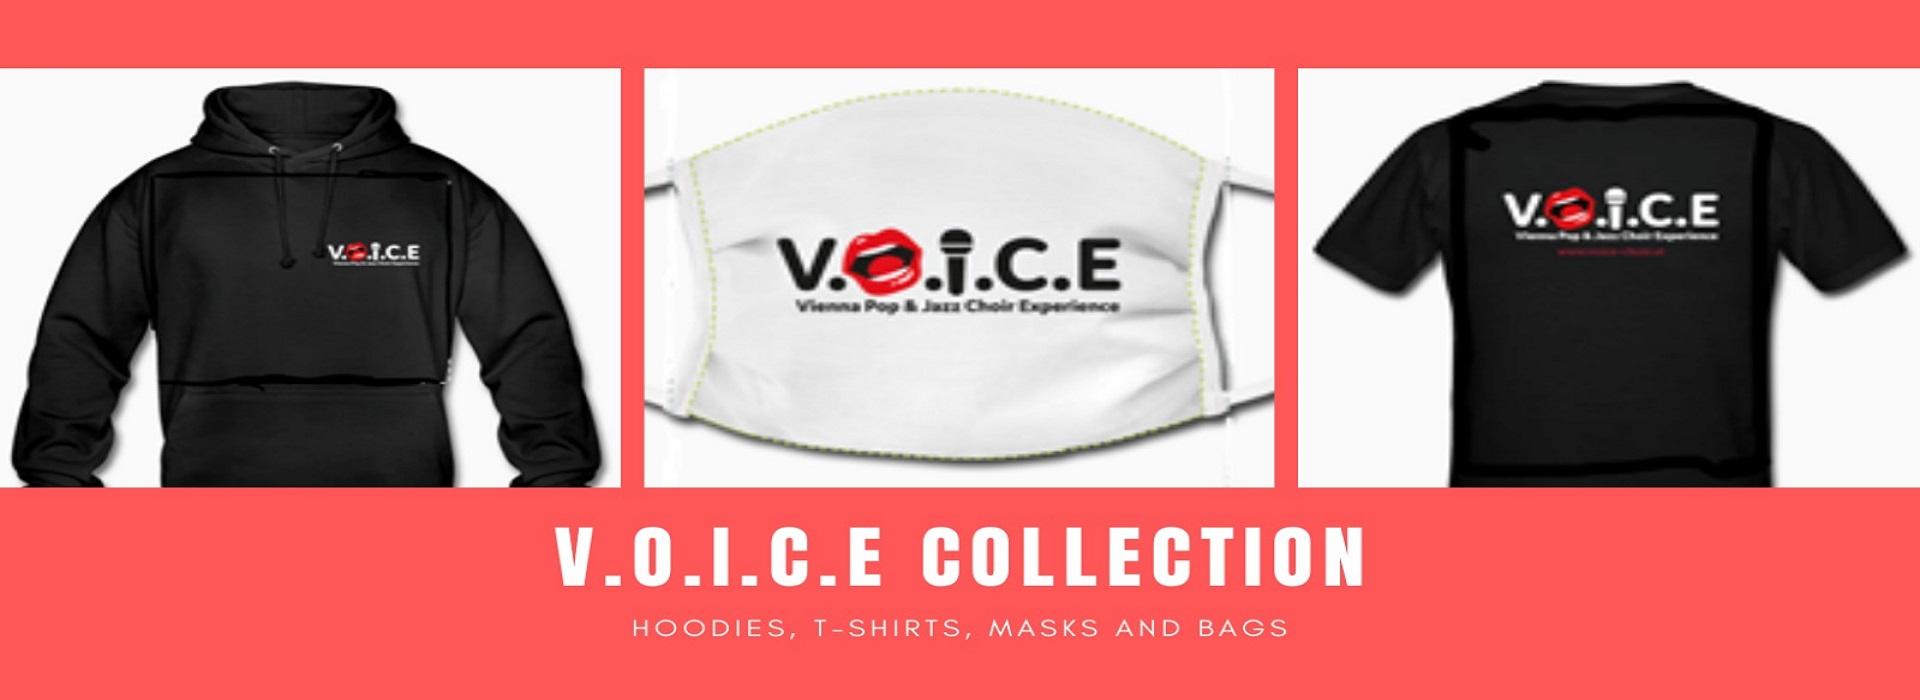 V.O.I.C.E KOLLEKTION